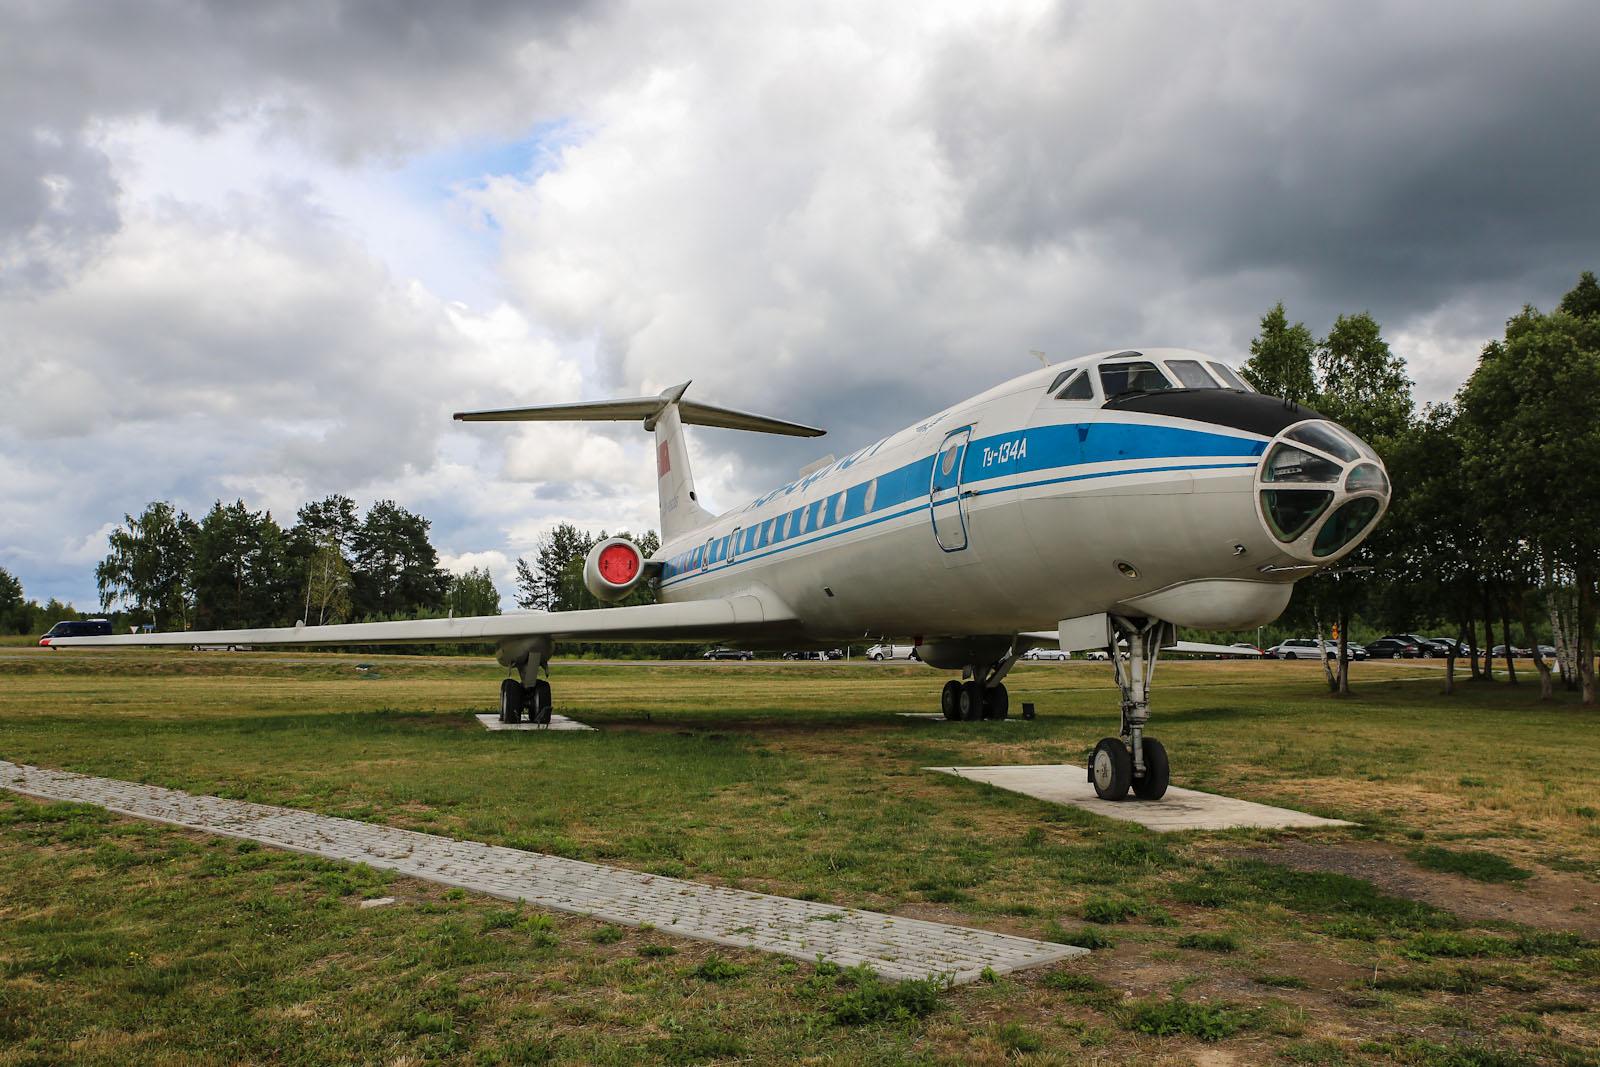 Самолет Ту-134 на привокзальной площади в аэропорту Минска